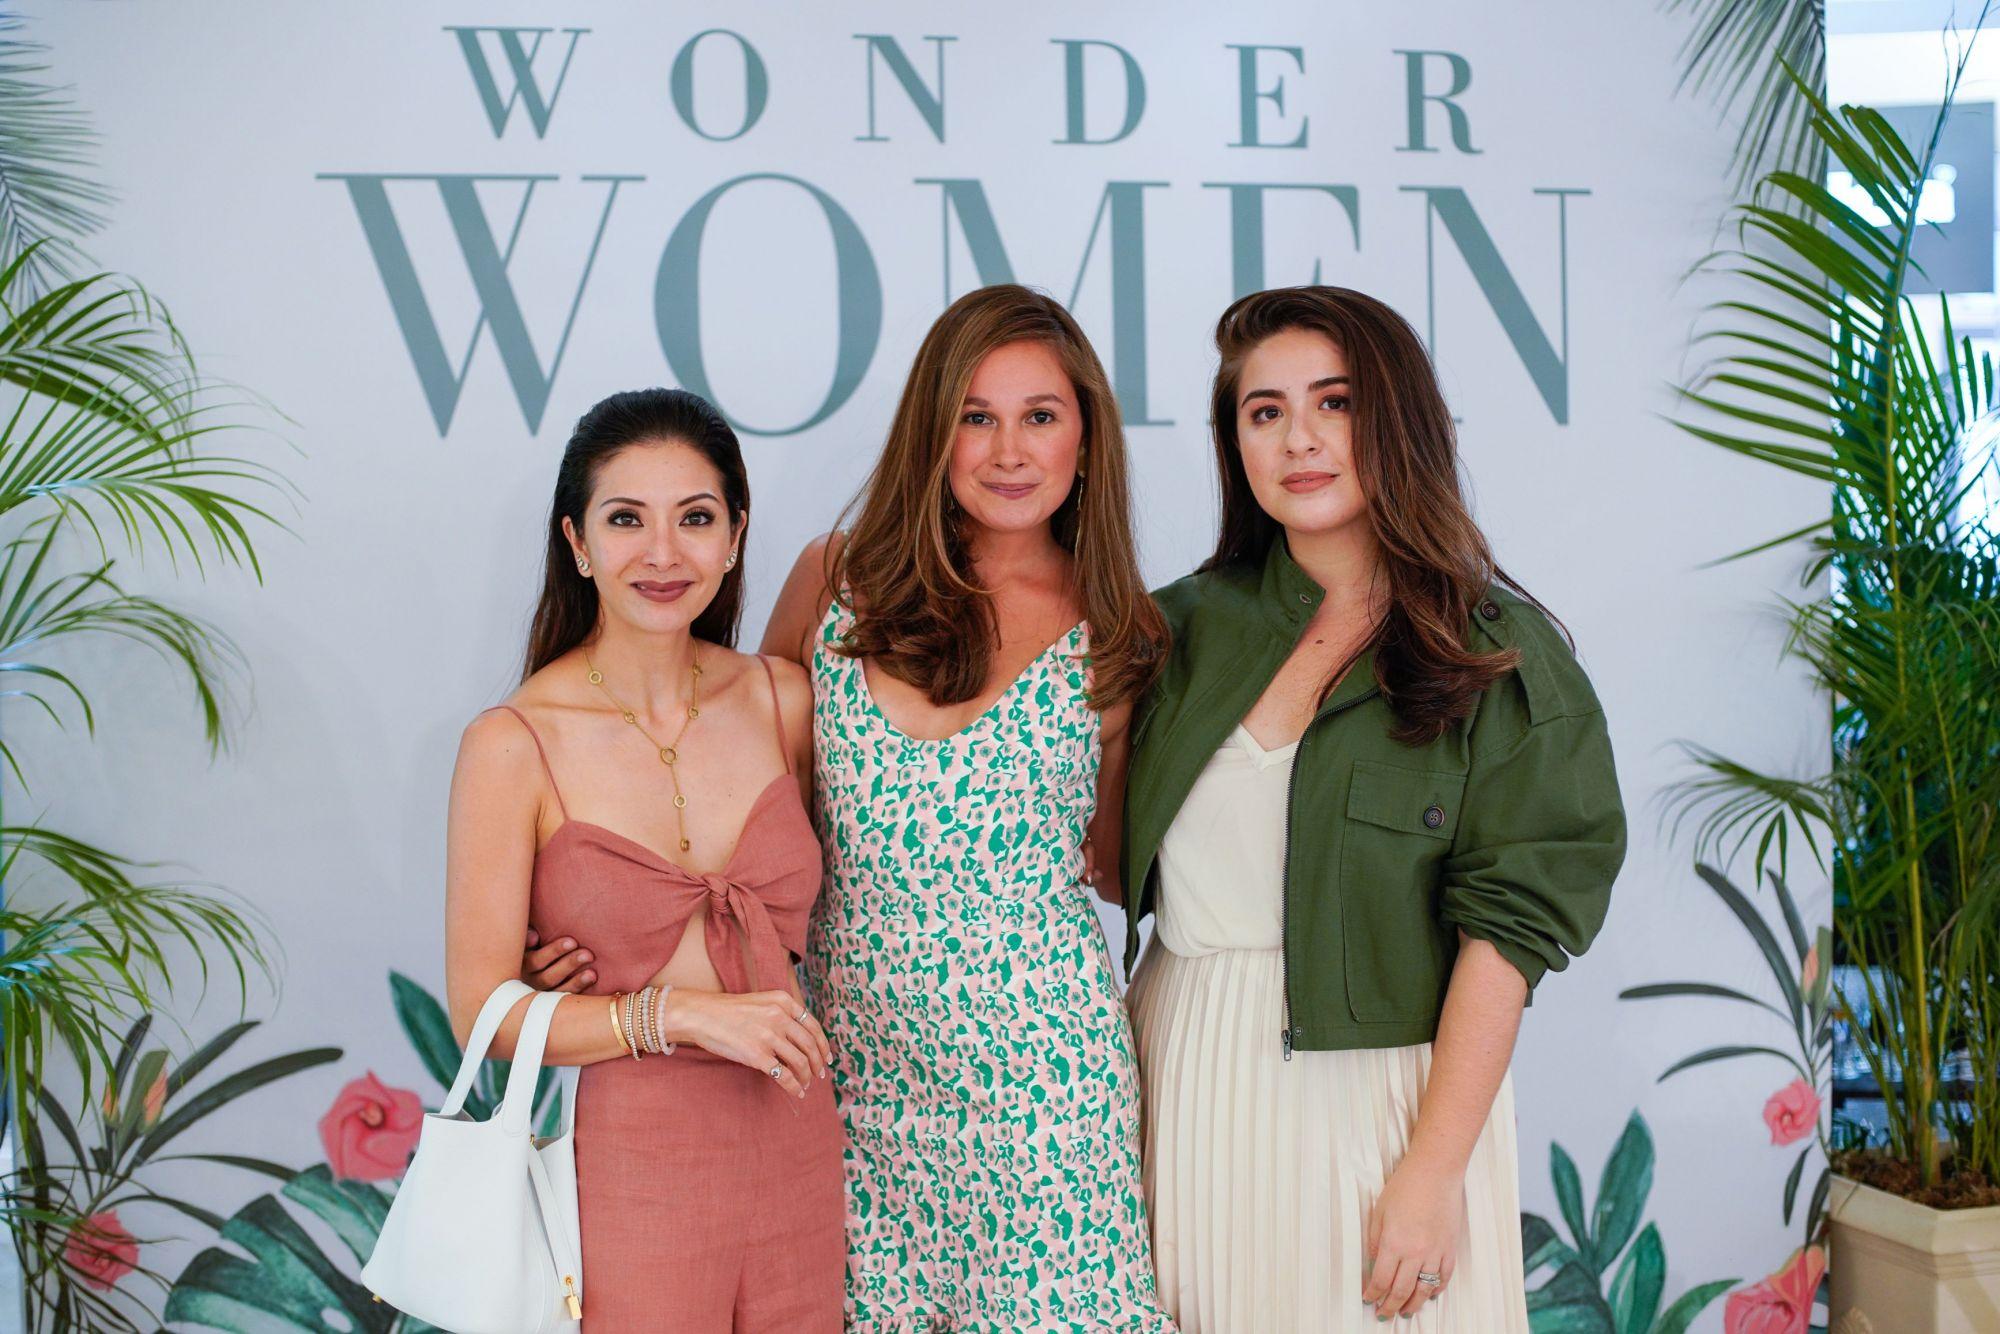 The three Wonder Women - Cat Arambulo-Antonio, Georgia Schulze-del Rosario & Vania Romoff